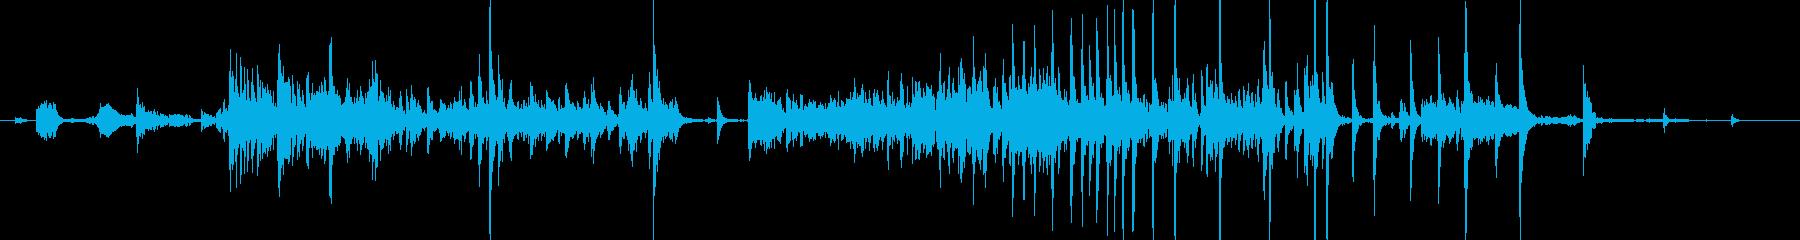 メタル クリークストレスミディアム01の再生済みの波形